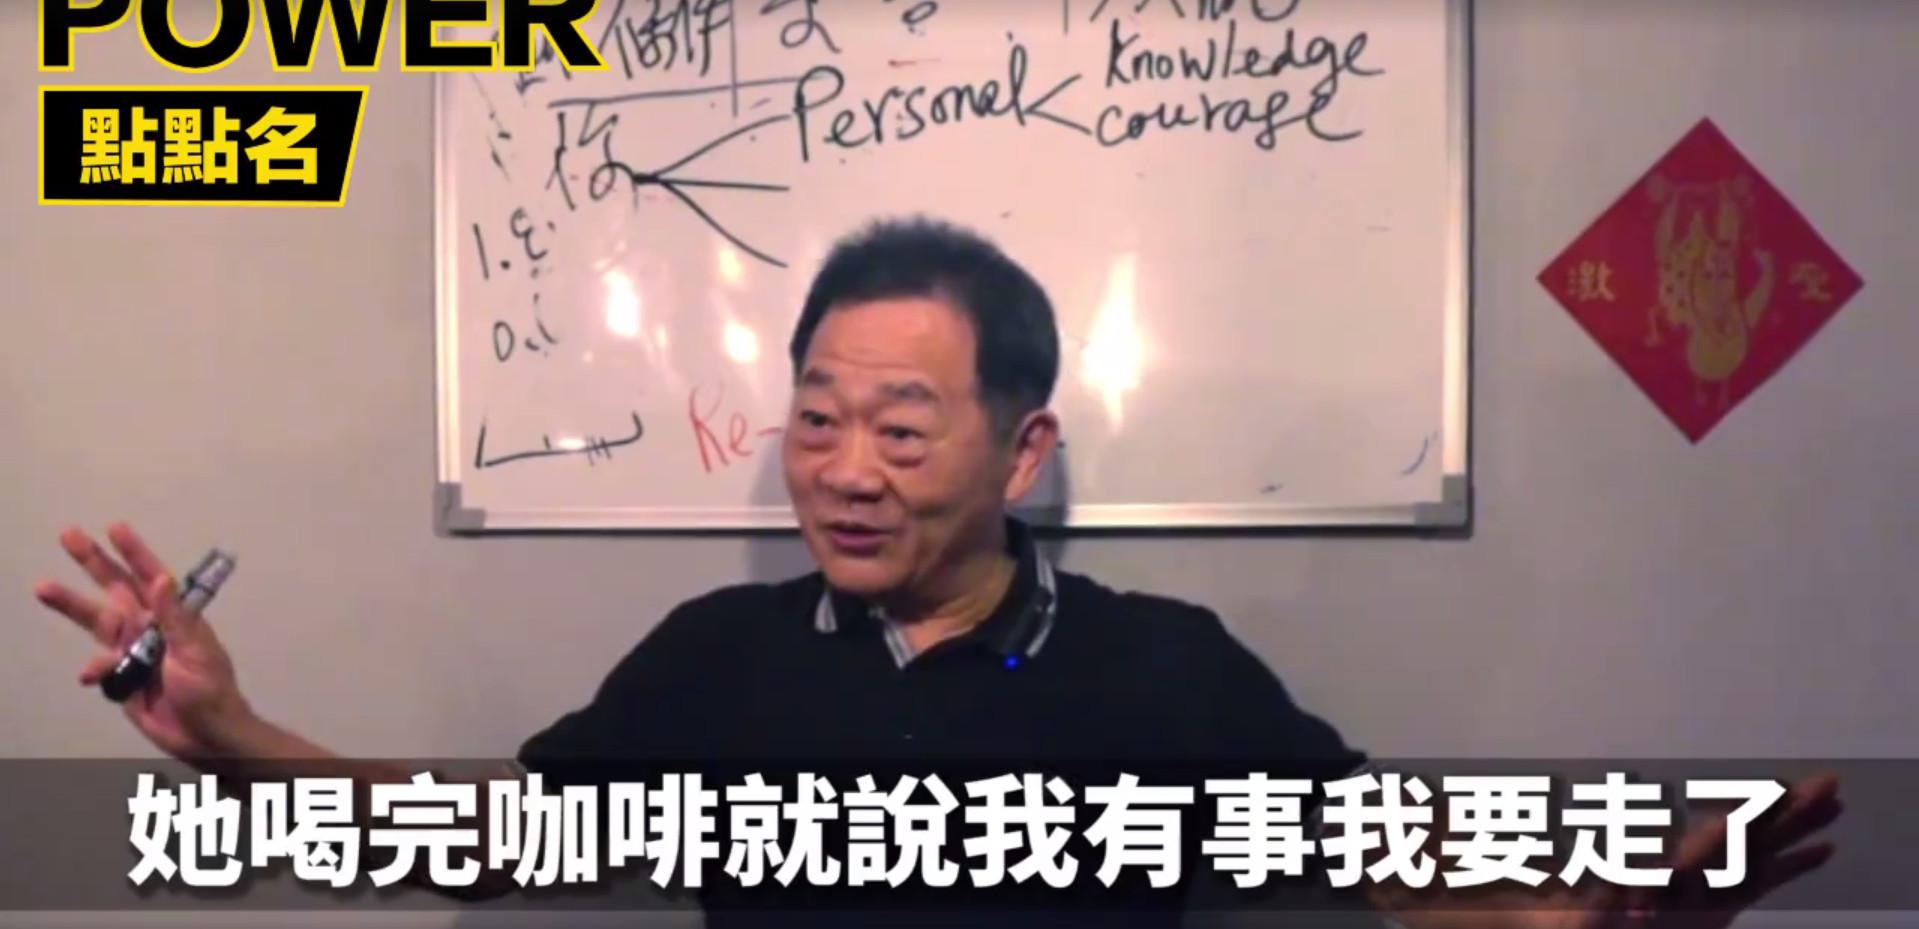 大檸檬用圖(圖/Power錕的紙牌屋授權)